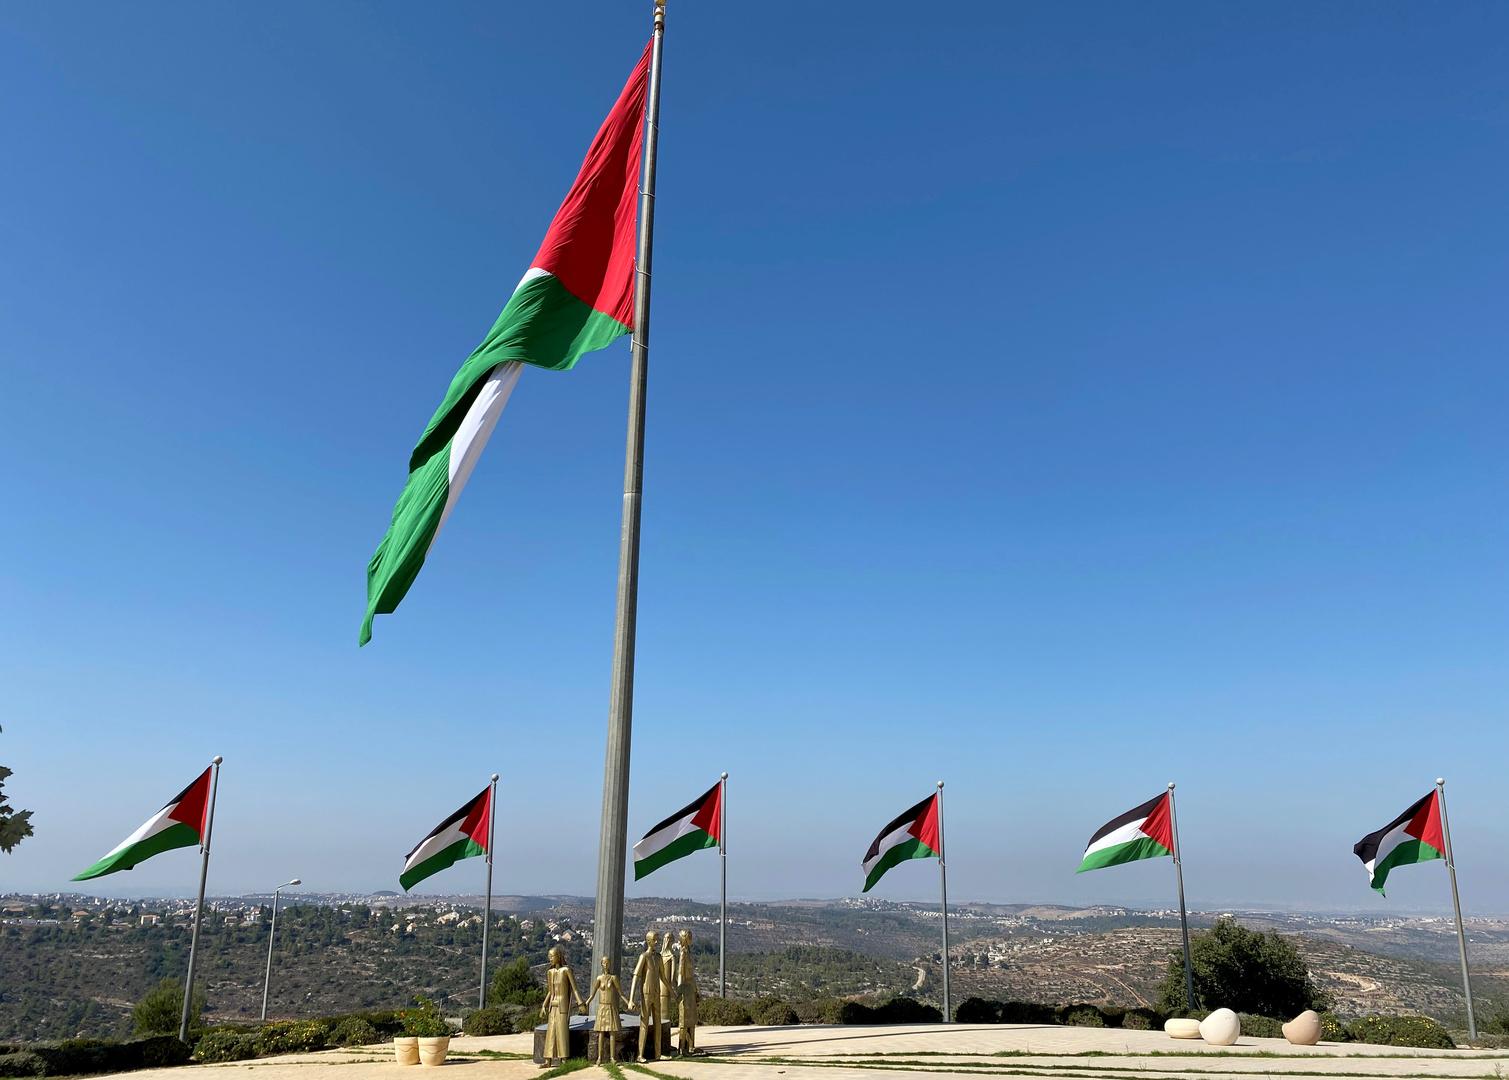 الأحزاب والفصائل الفلسطينية توقع على ميثاق شرف يضمن العملية الانتخابية